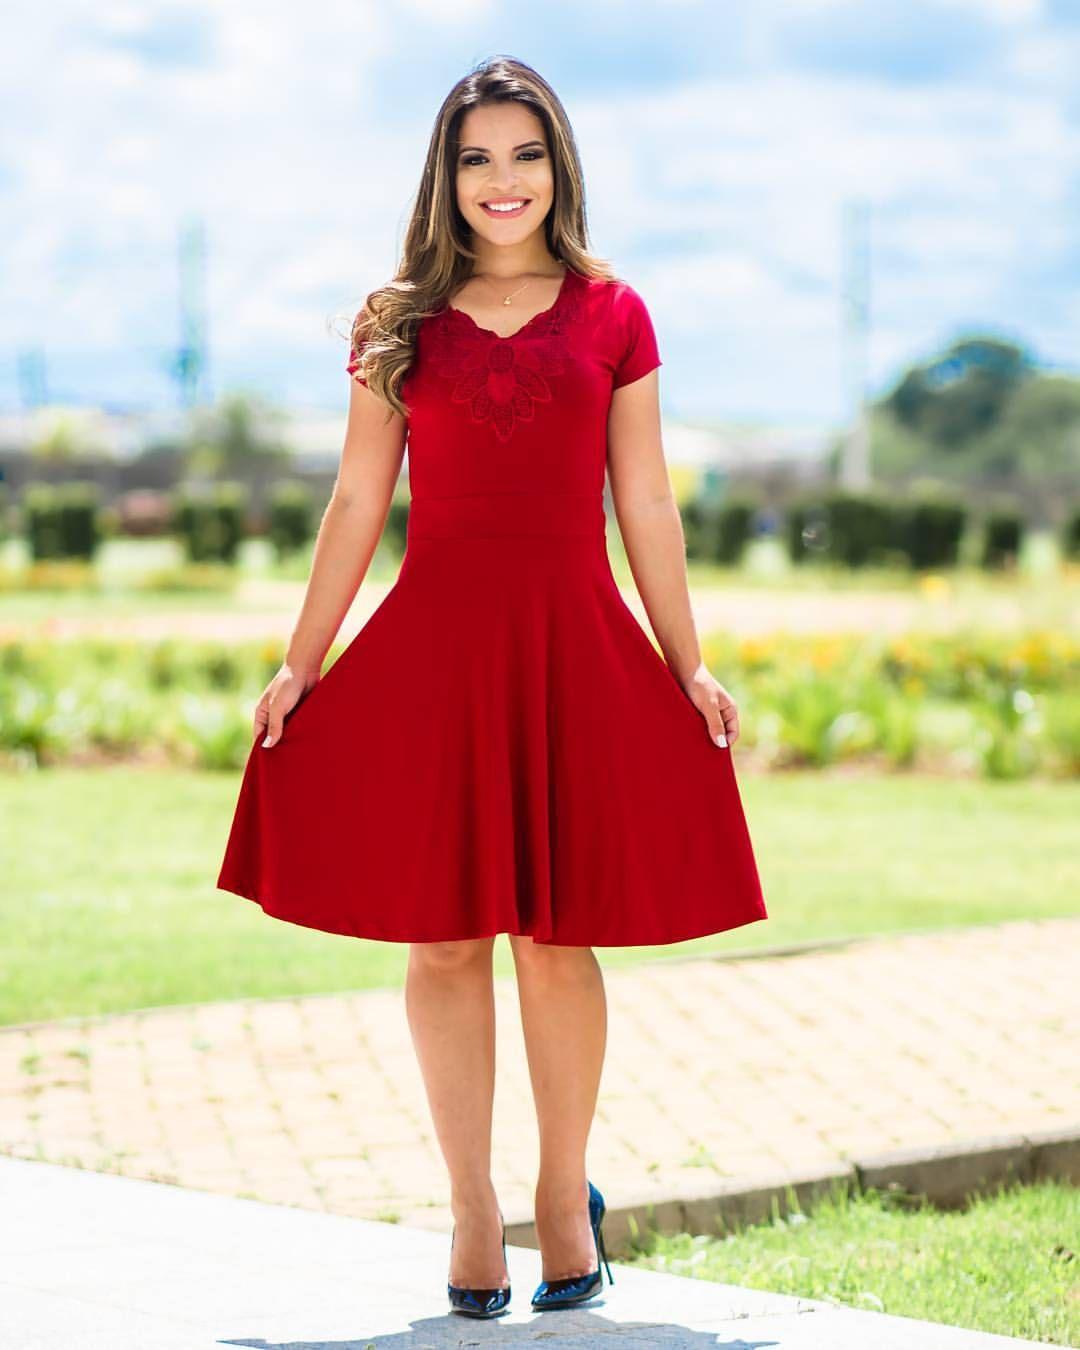 939233ed38 Resultado de imagem para bella herança moda evangelica Bella Herança Moda  Evangelica